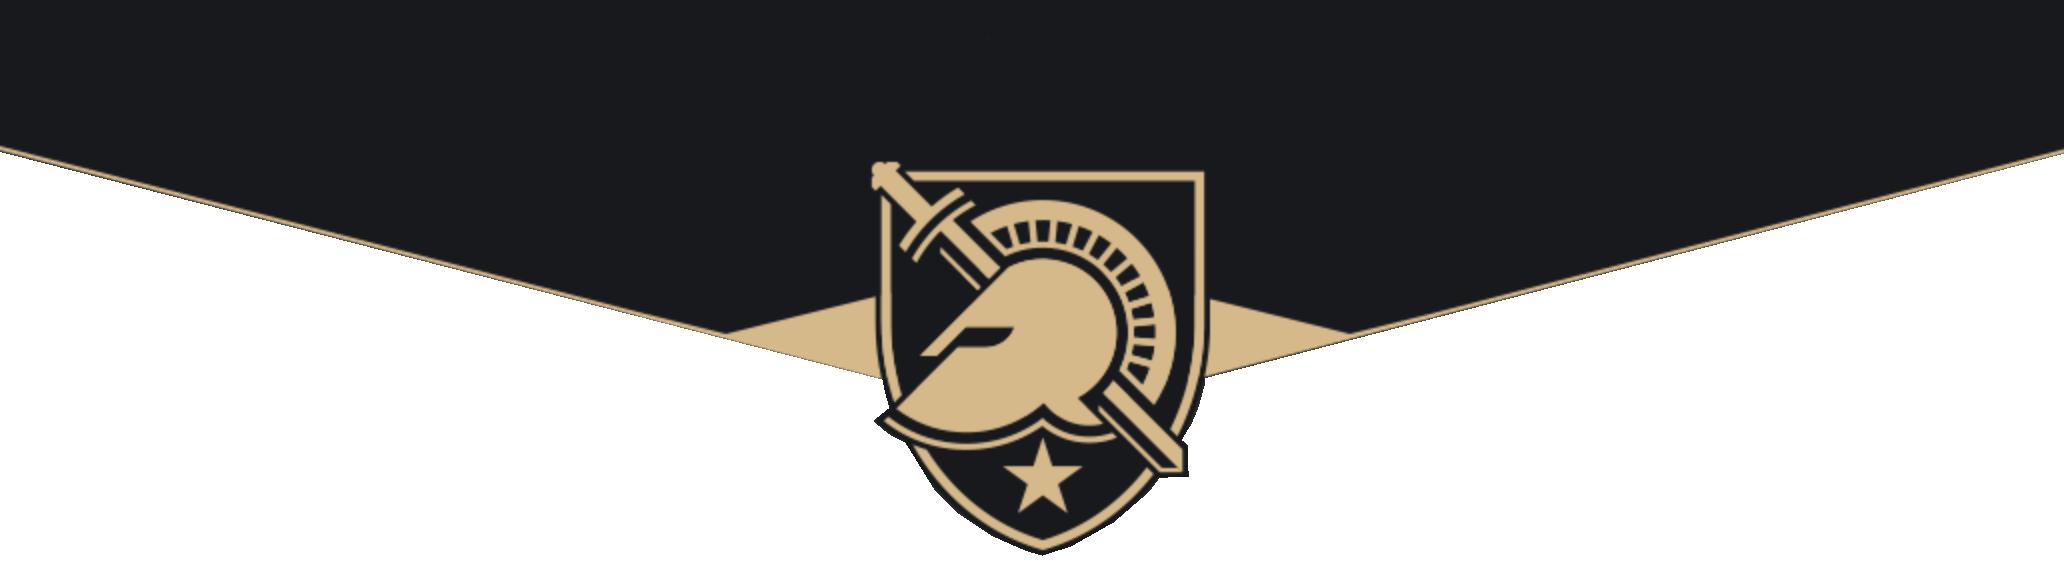 army sports header